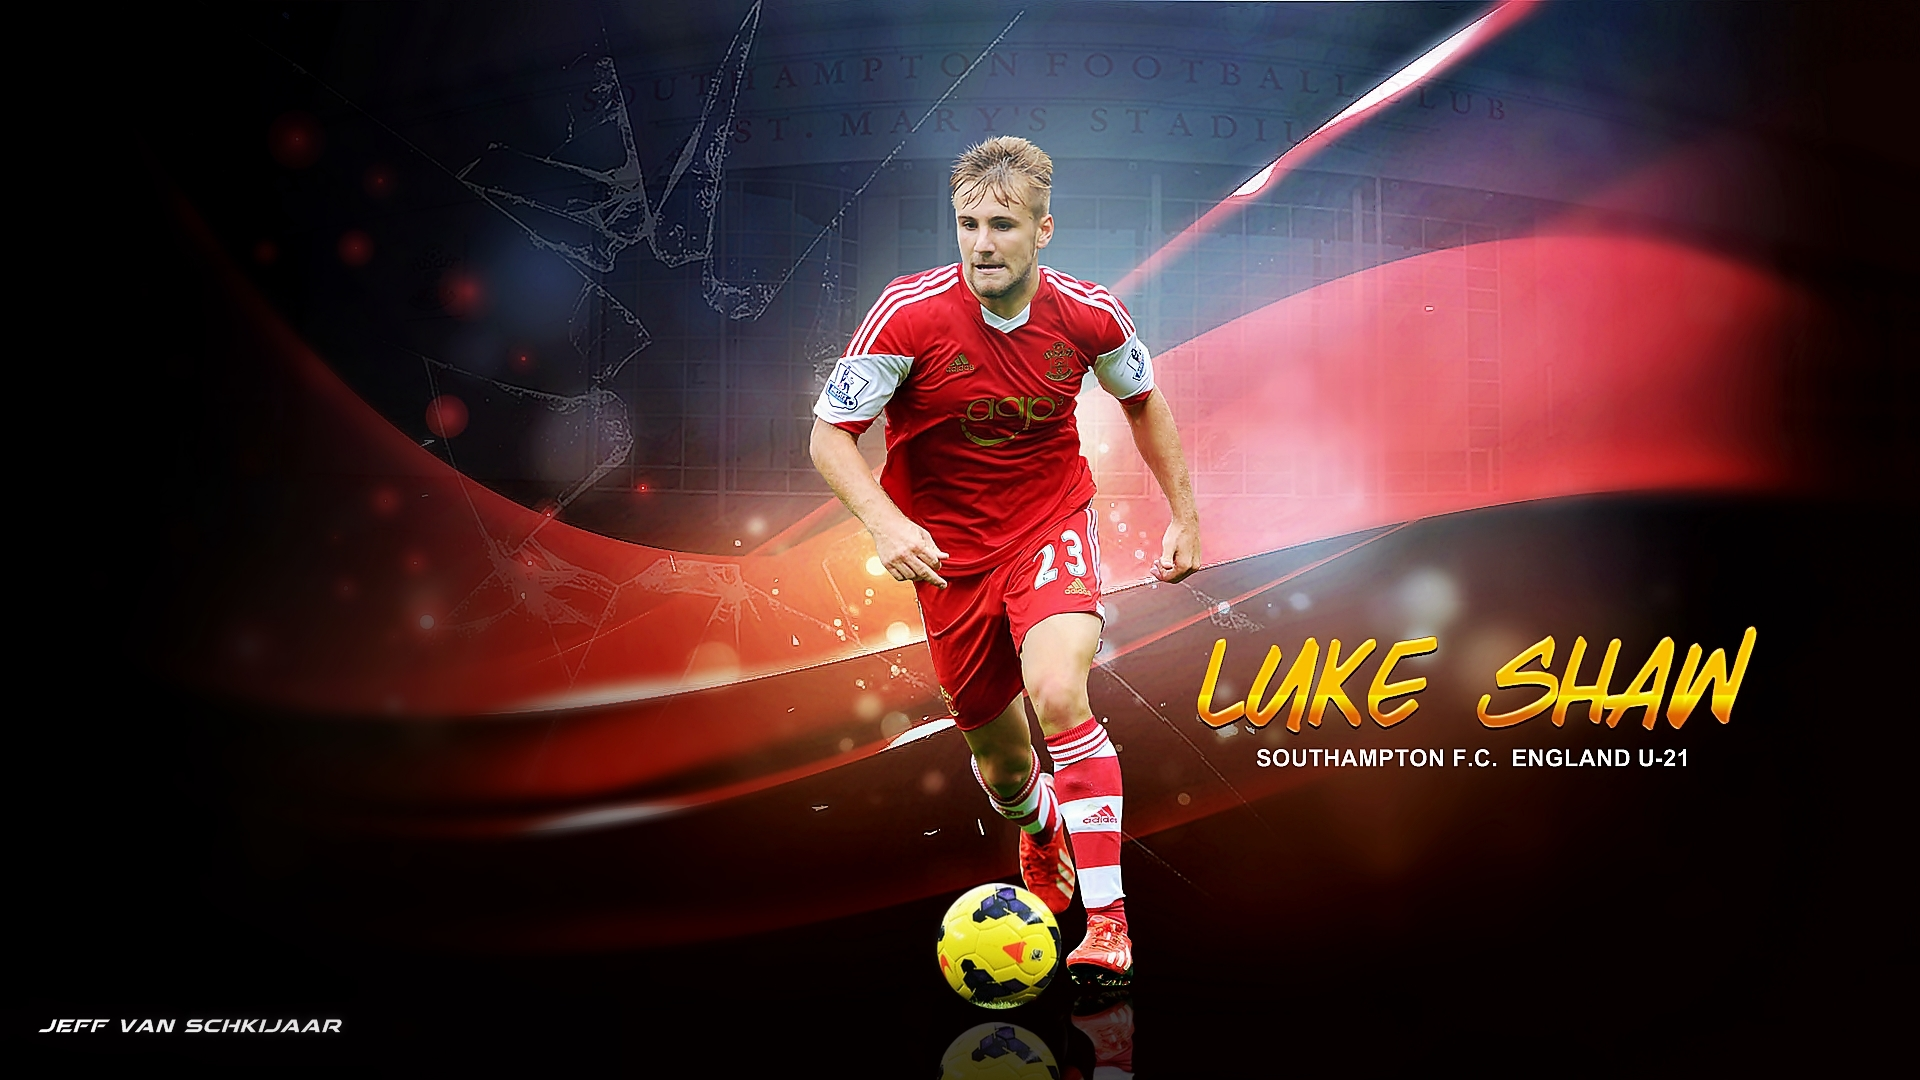 Luke Shaw Southampton 2014 Wallpaper   Football Wallpaper 1920x1080